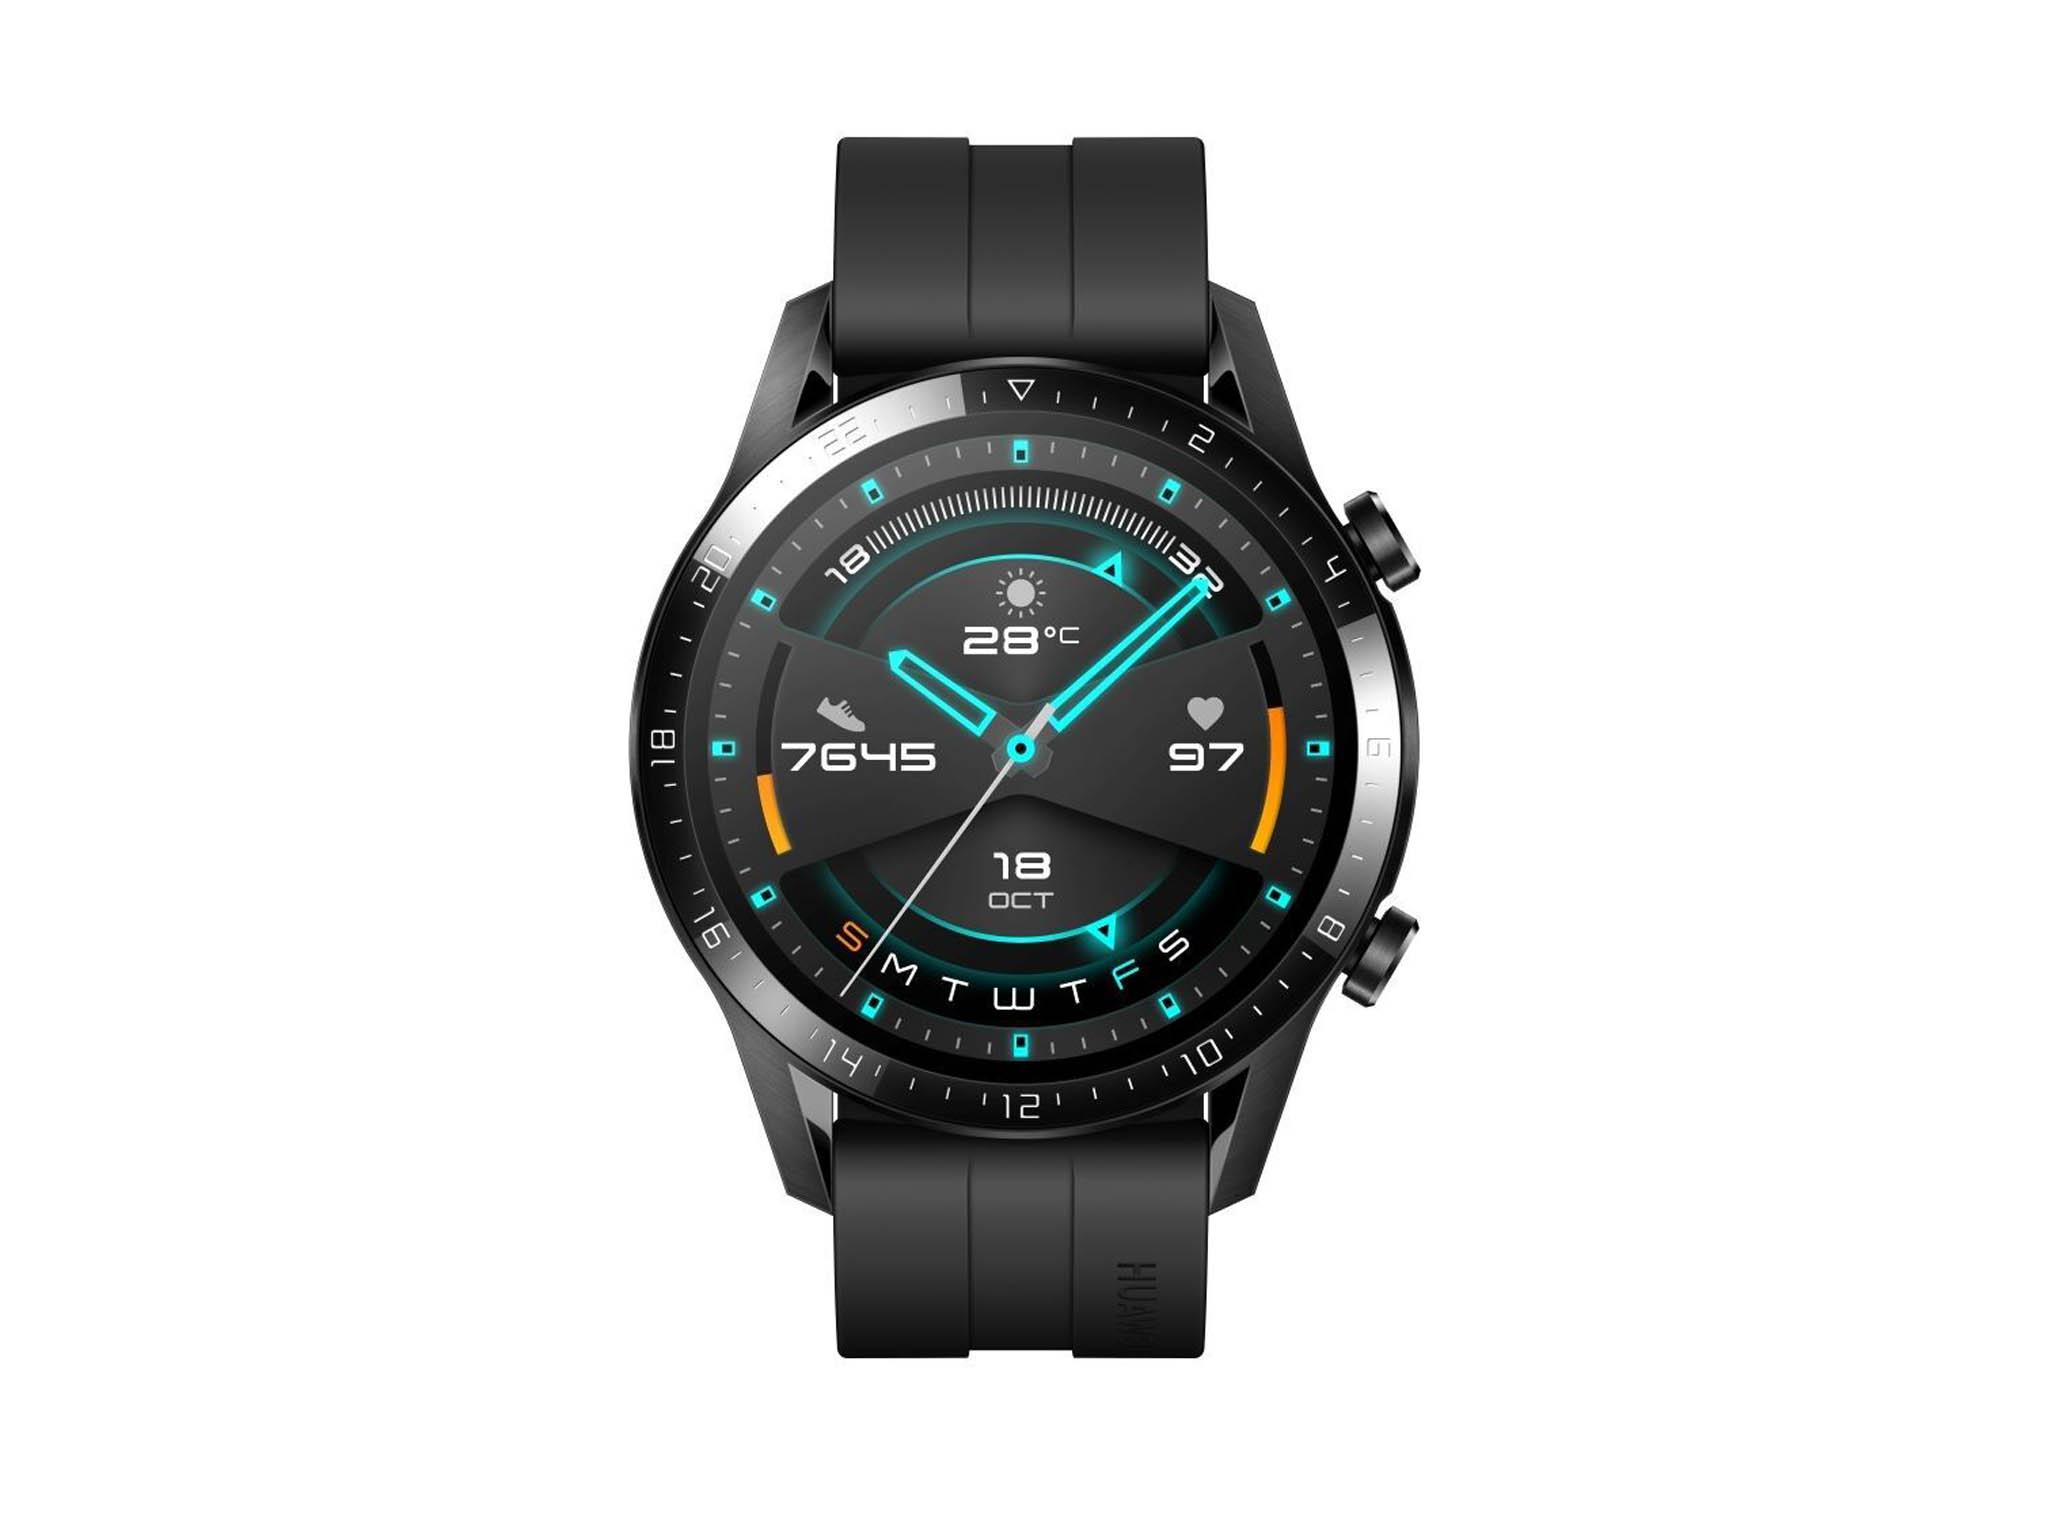 Huawei Watch GT2 nabídne imožnost vyřídit telefonní hovor zezápěstí díky integrovanému mikrofonu aBluetooth propojení smobilem.